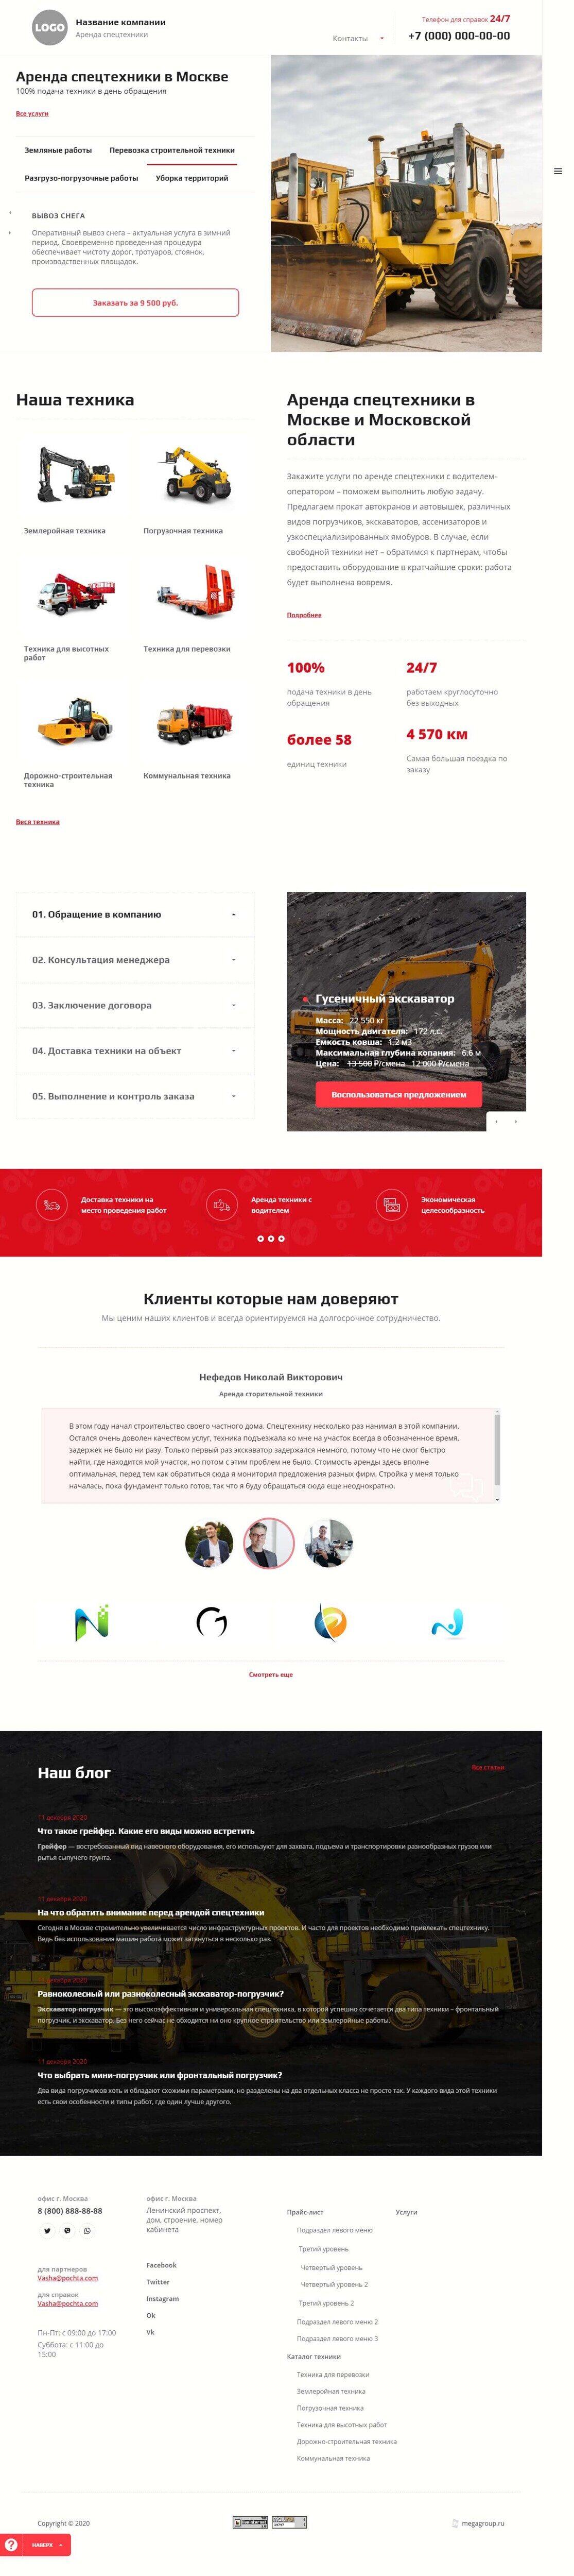 Готовый Сайт-Бизнес #2962807 - Аренда спецтехники (Главная версия 2)